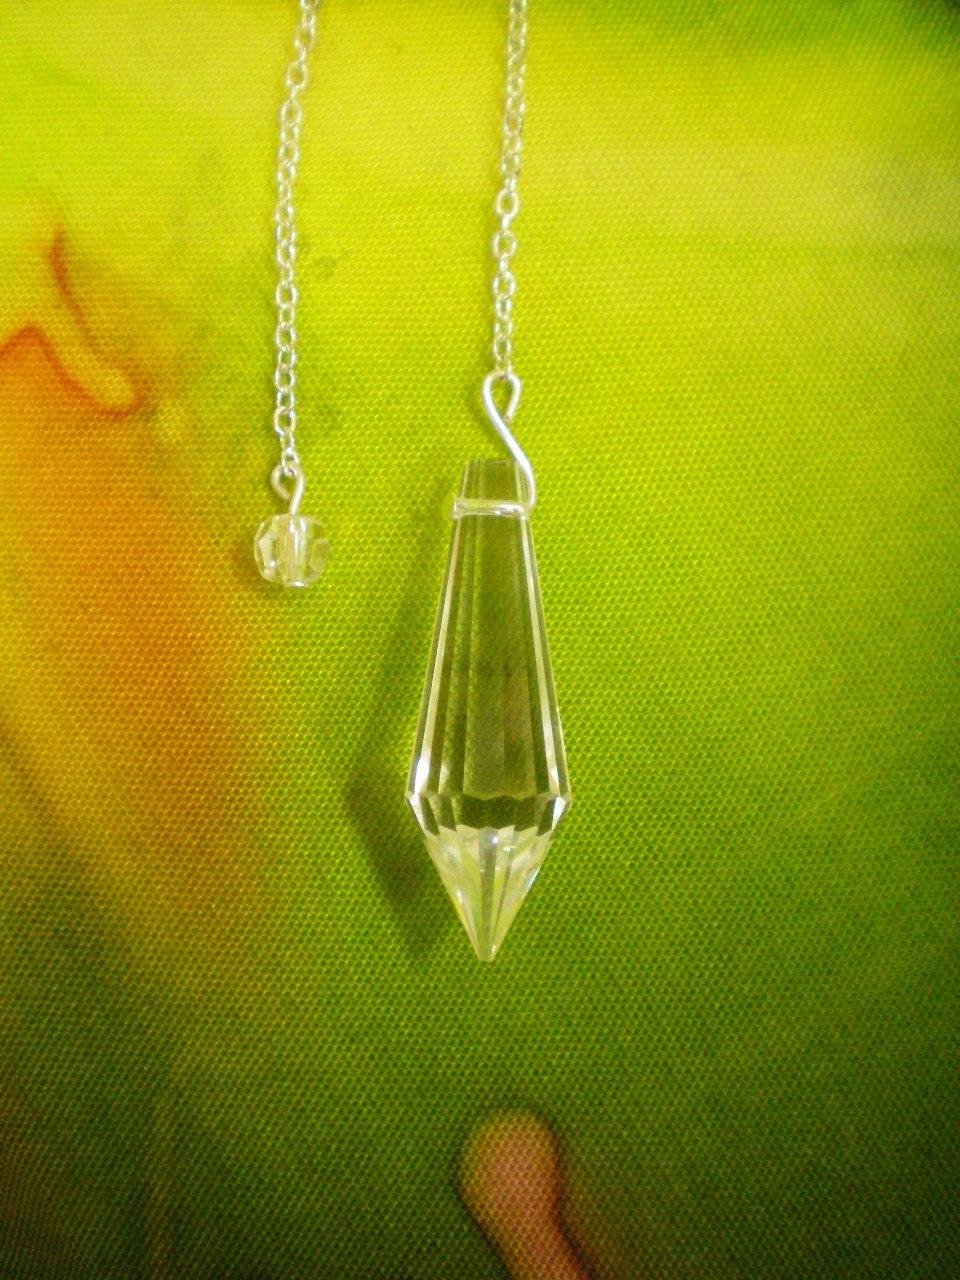 Siderické kyvadlo - Briliant - čiré křšťálové sklo